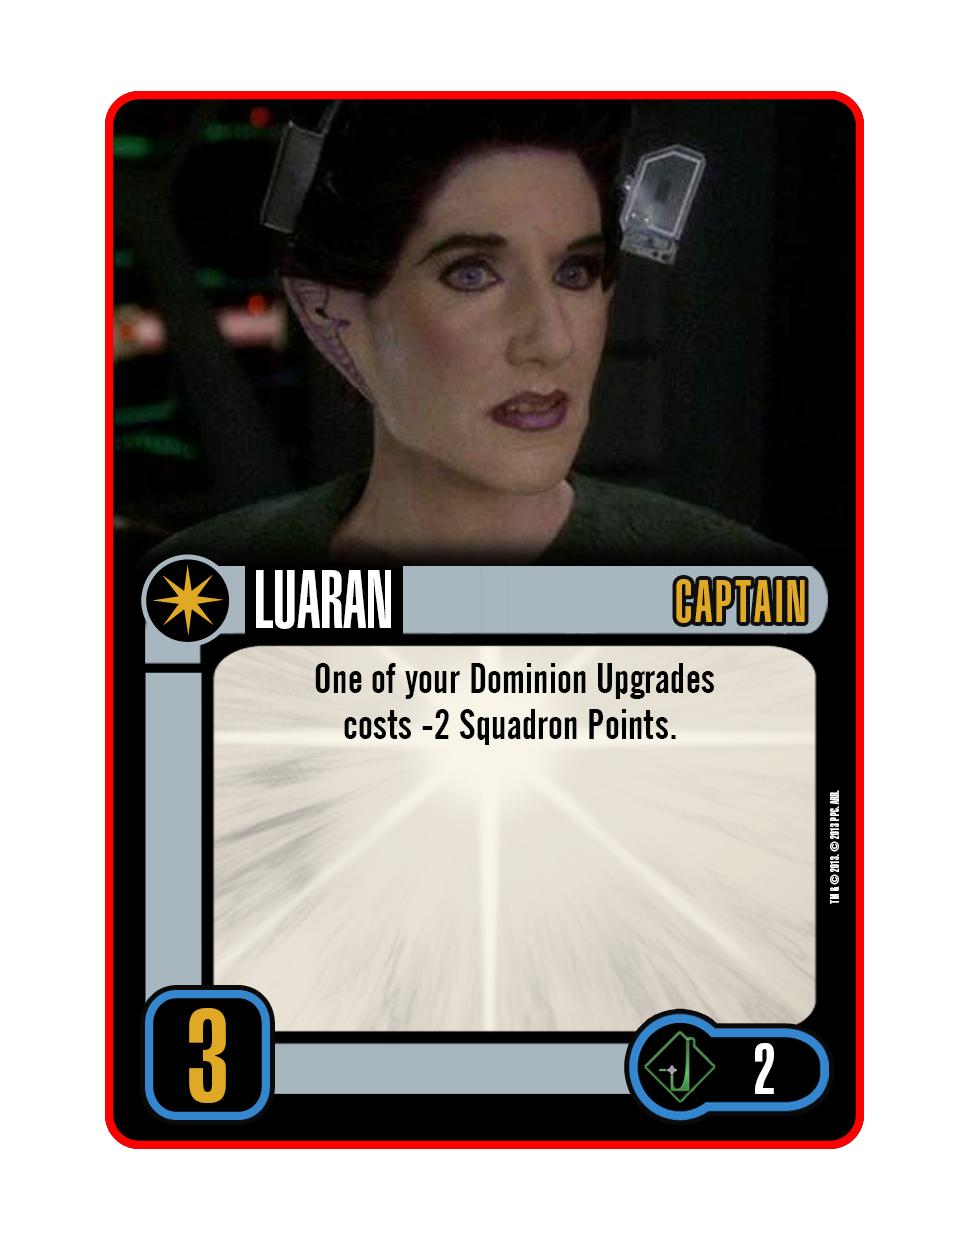 Captain - Luaran